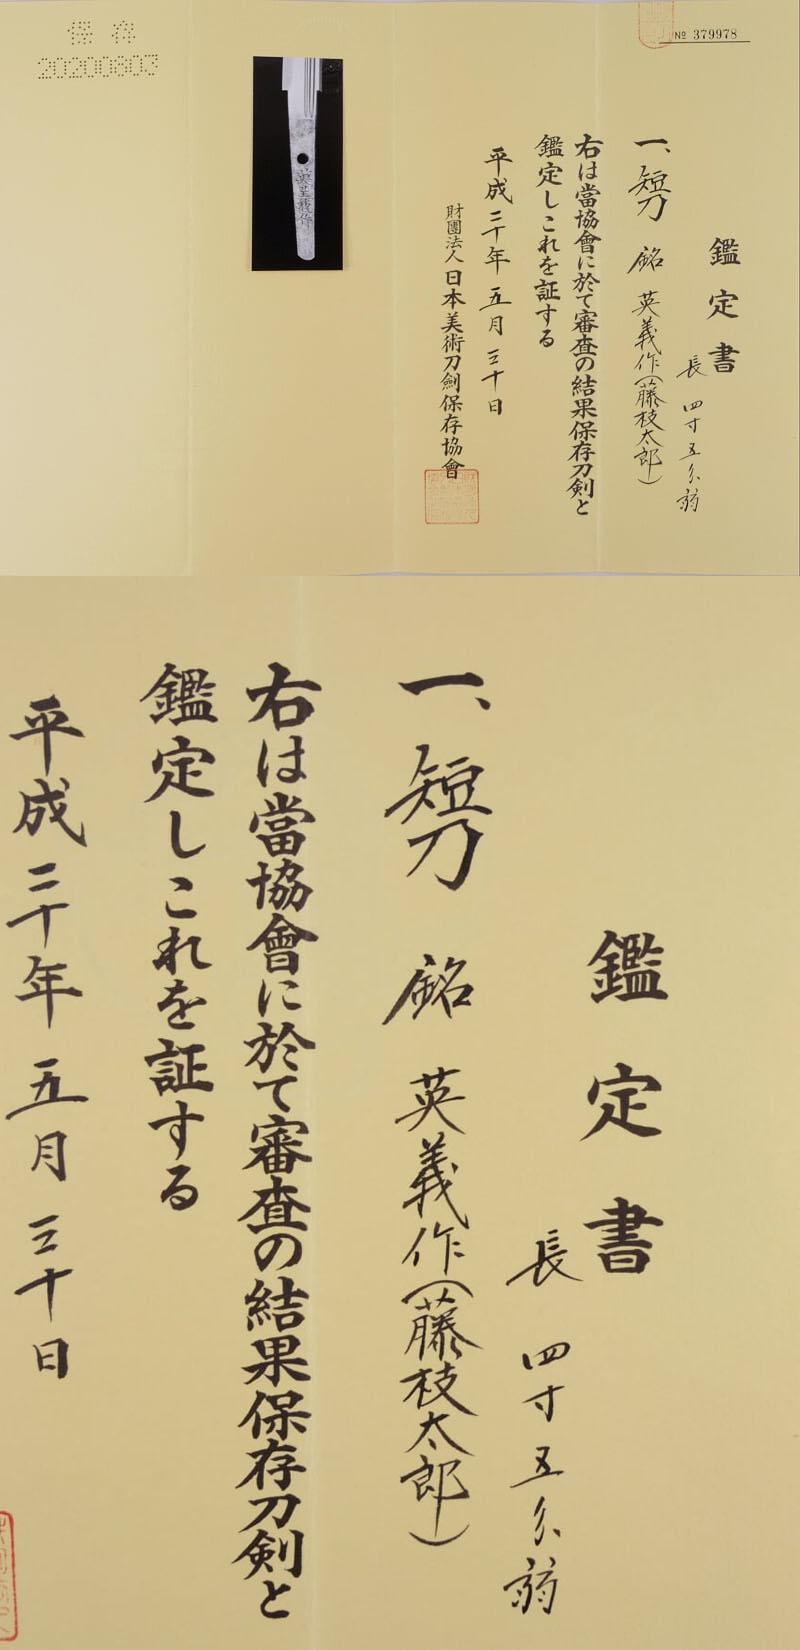 短刀 英義作(藤枝太郎英義)(懐剣) Picture of Certificate